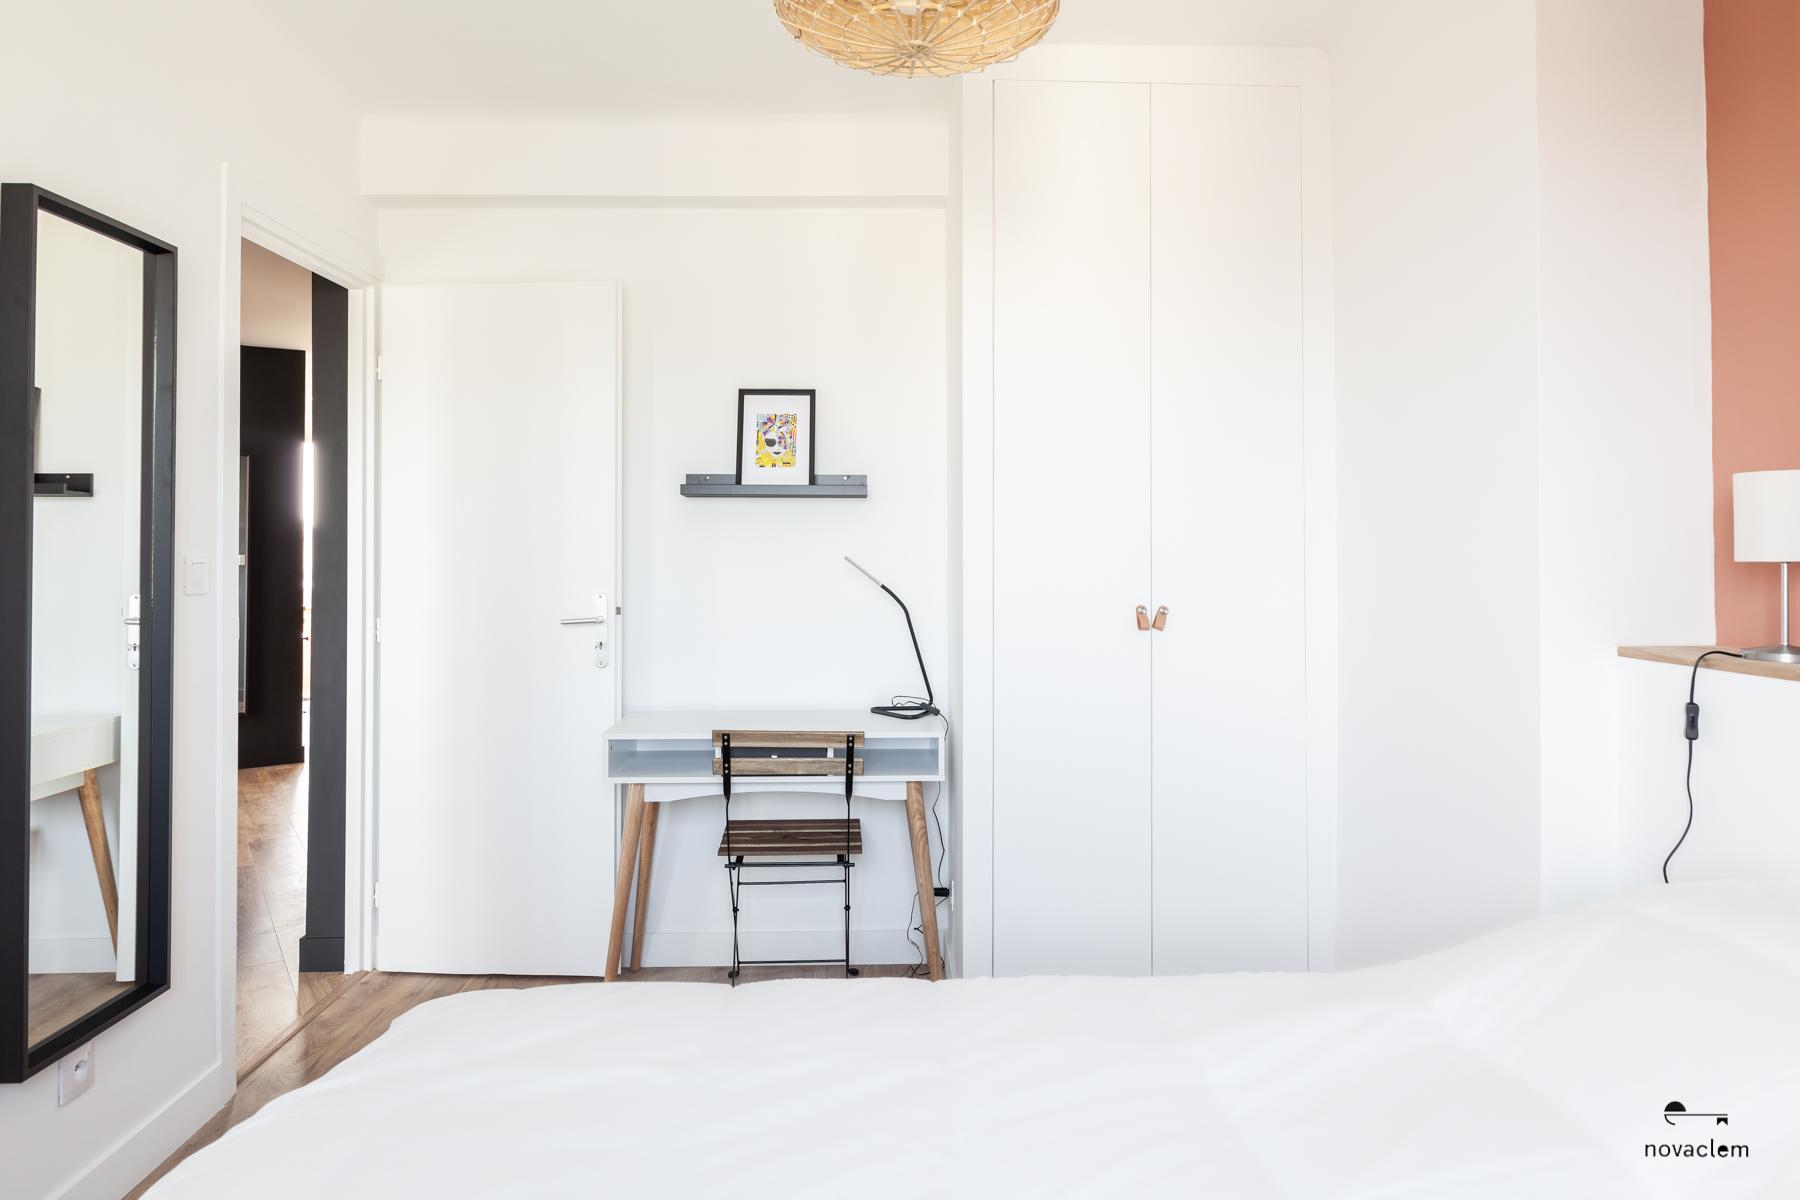 Novaclem -Chambre 2 après travaux Coloc Galinat - Investissement Marseille